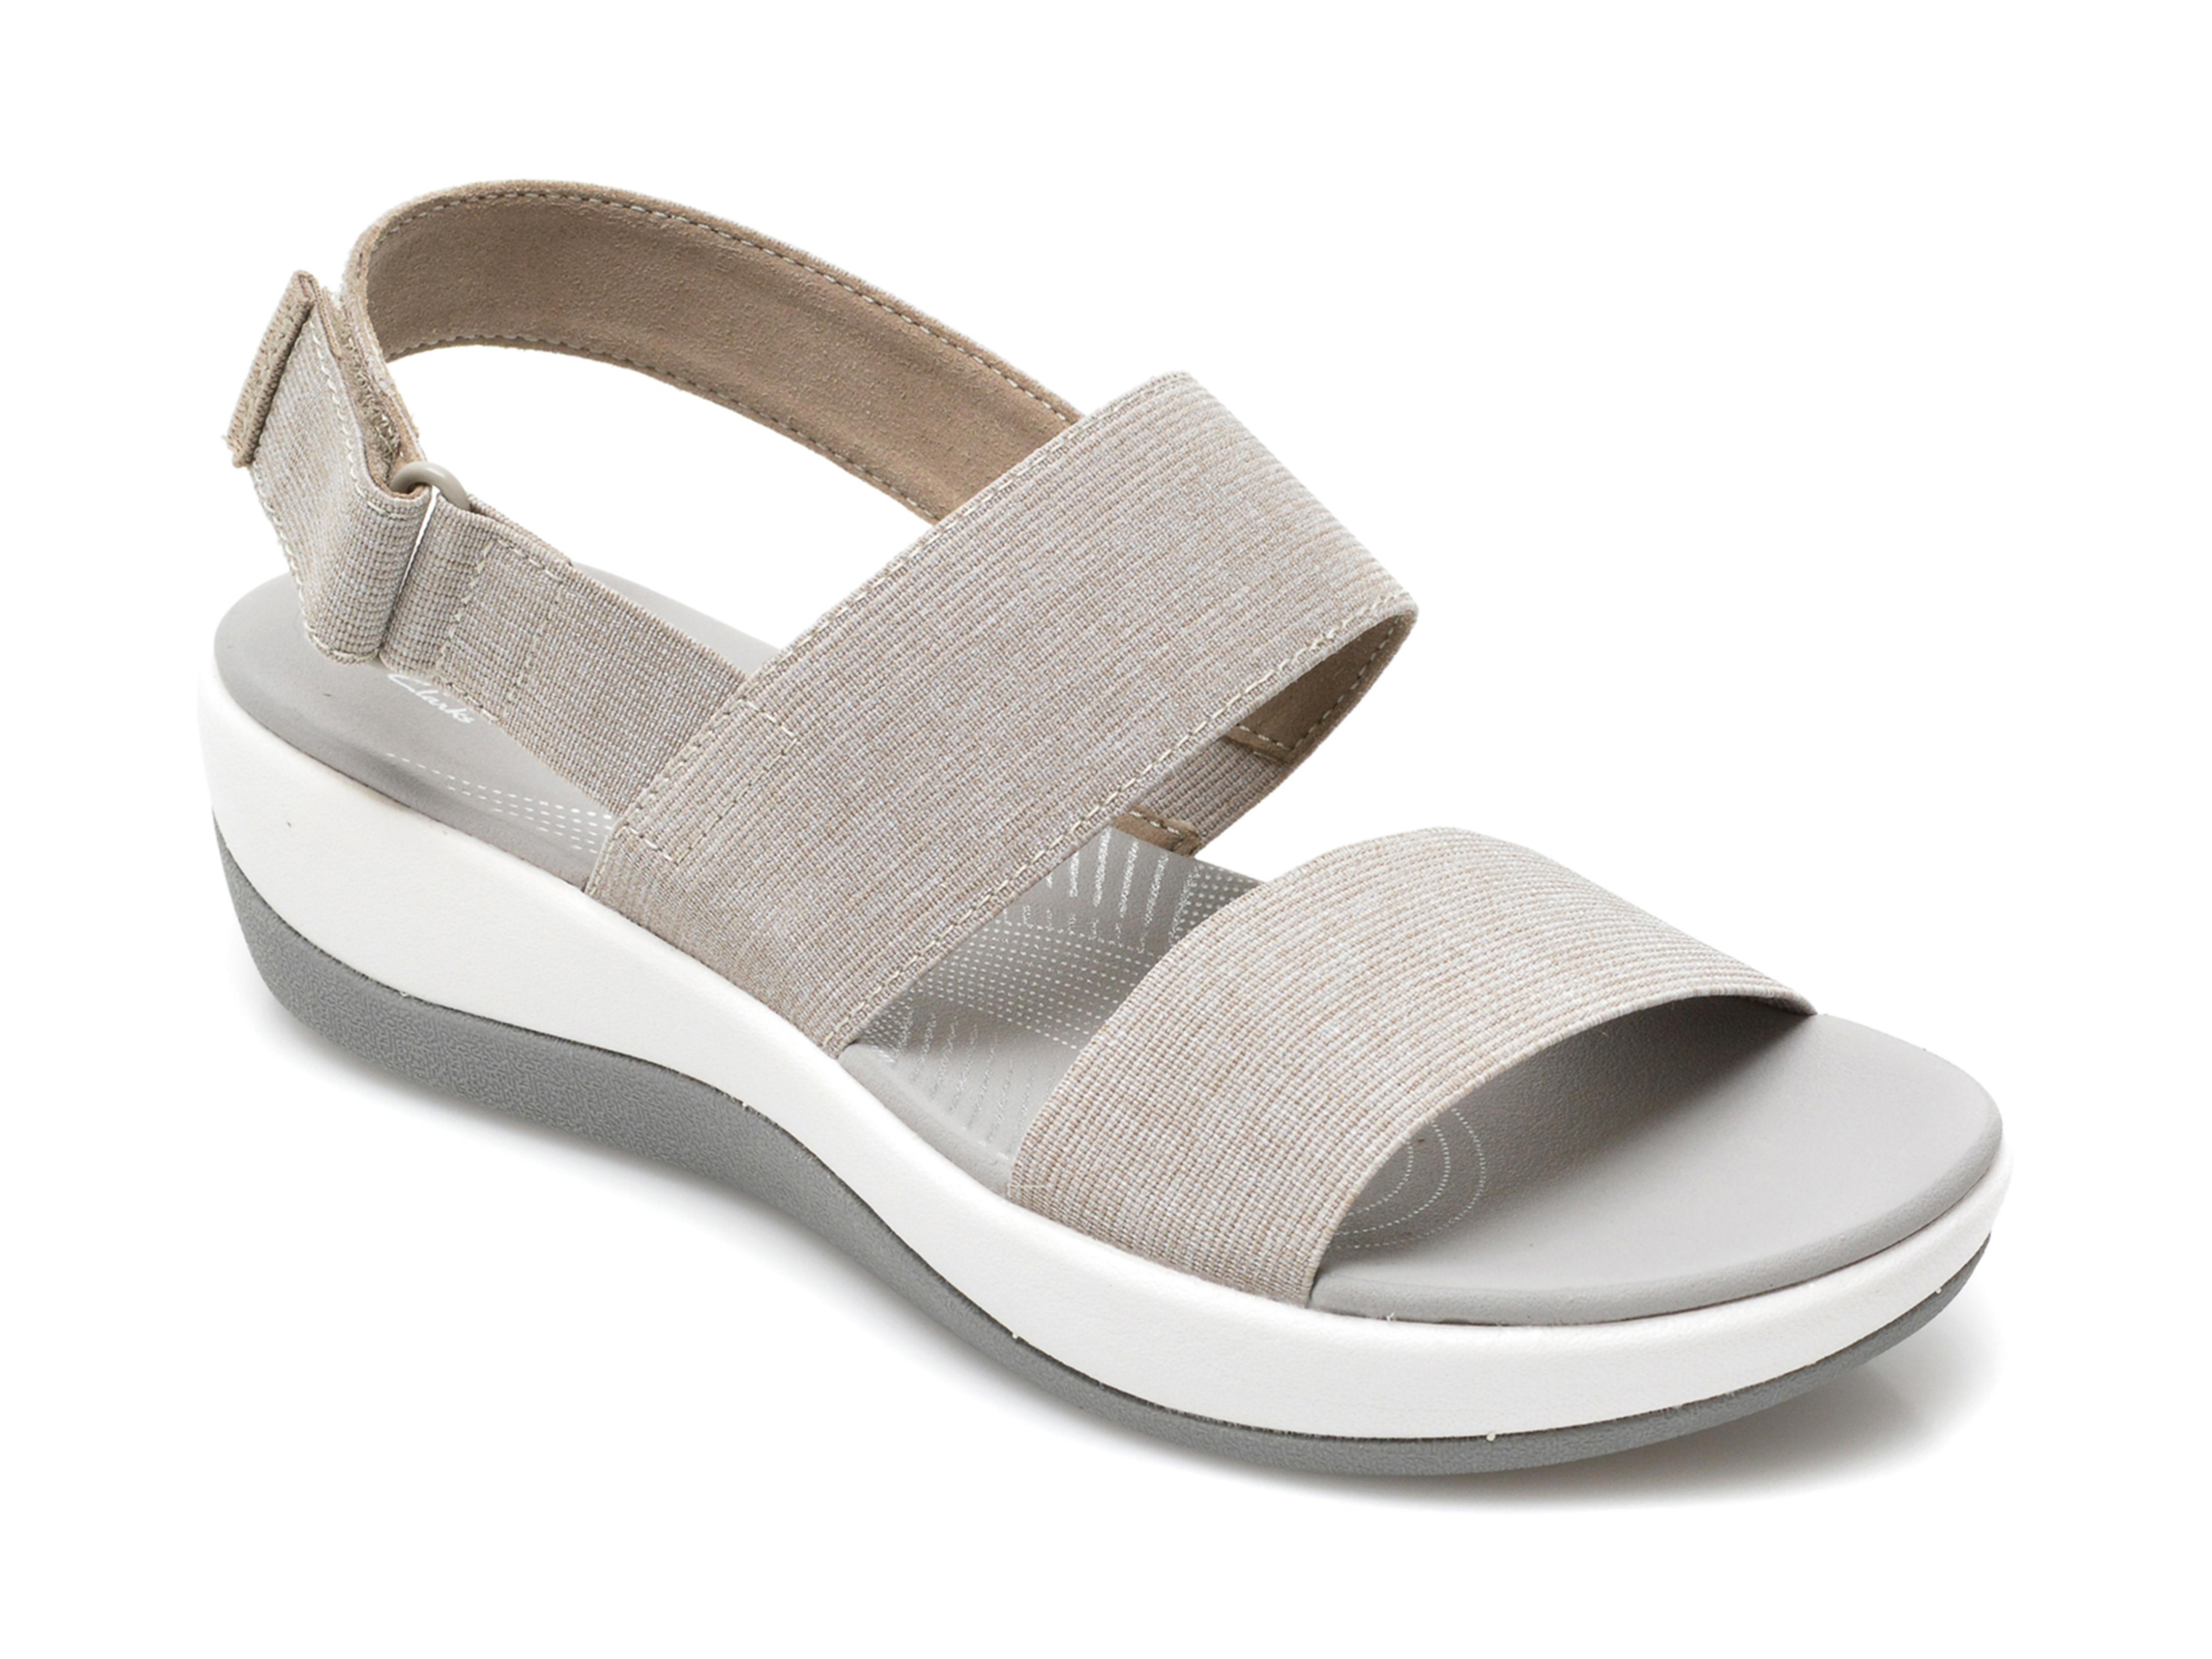 Sandale CLARKS bej, Arla Jacory, din material textil imagine otter.ro